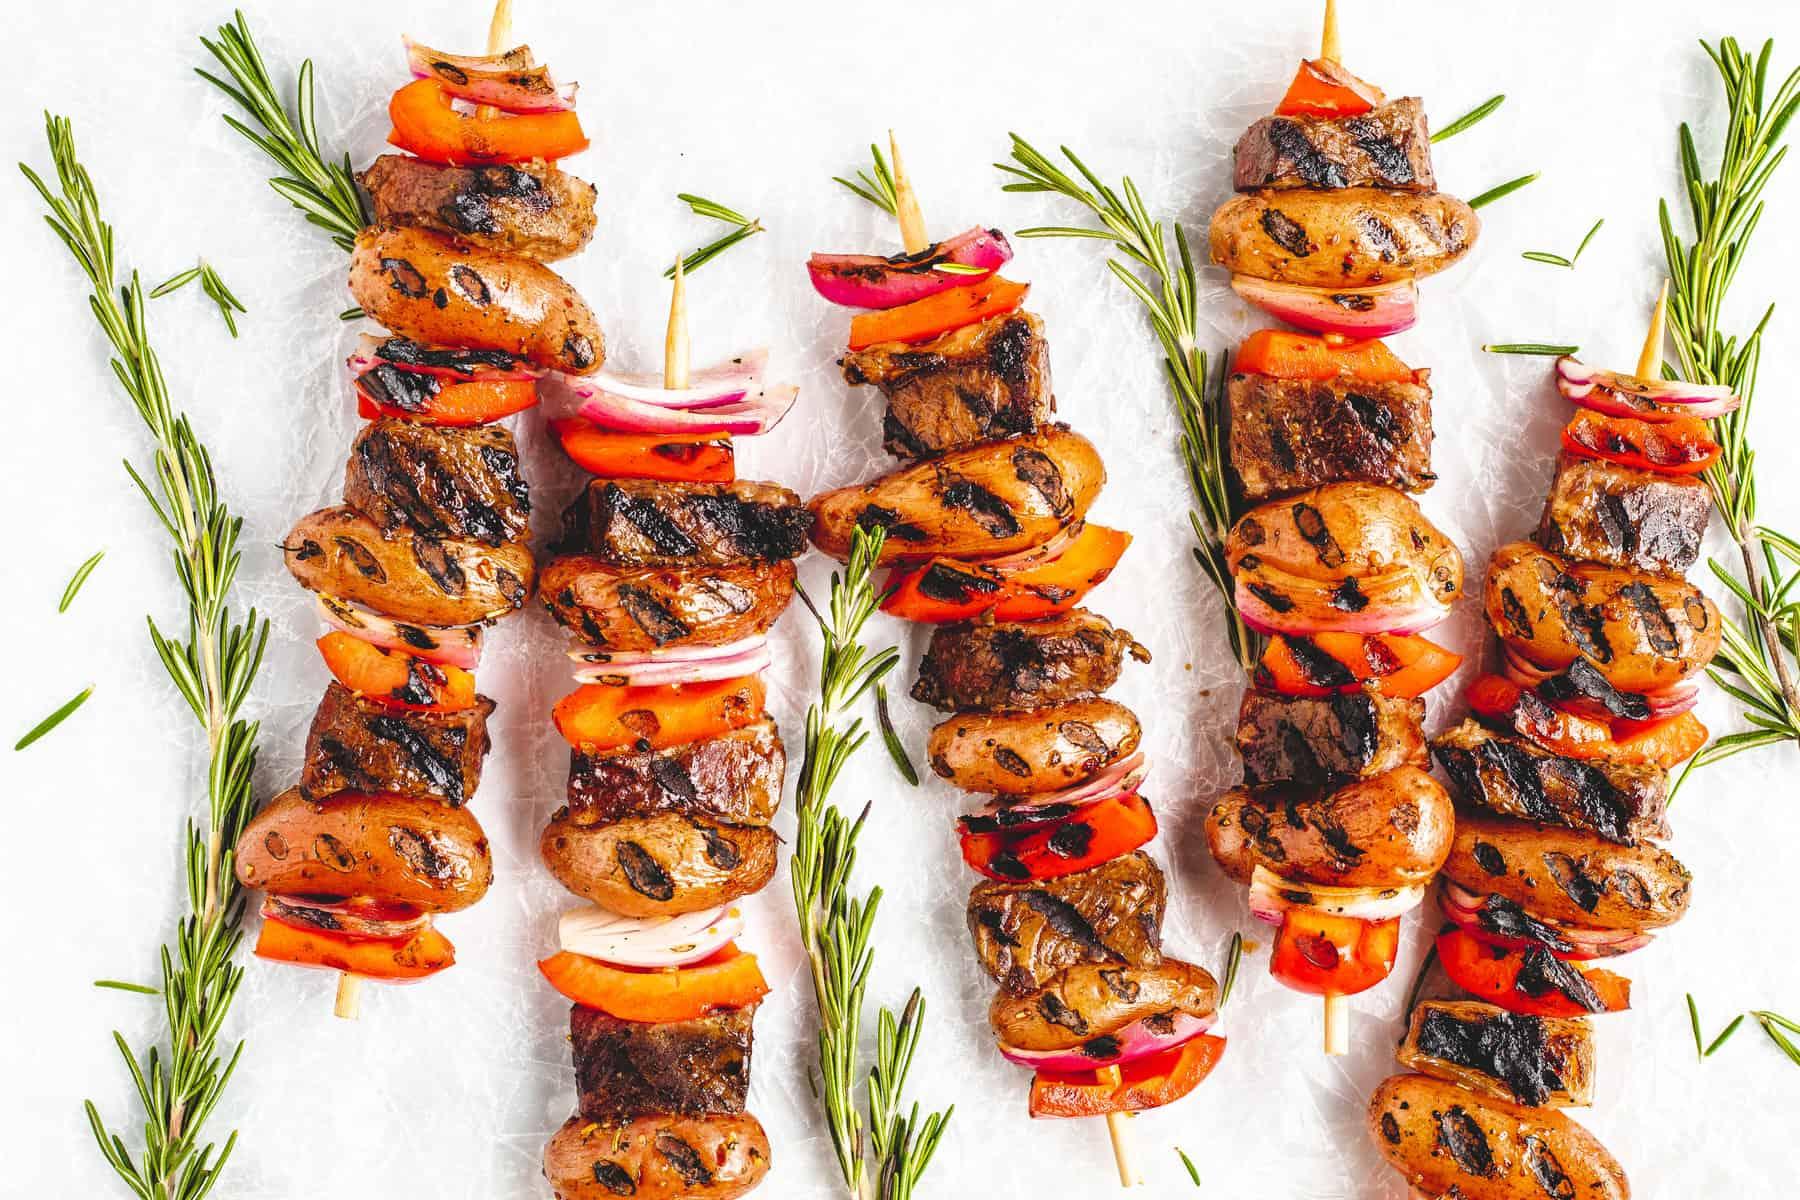 Garlic Rosemary Potato & Steak Skewers